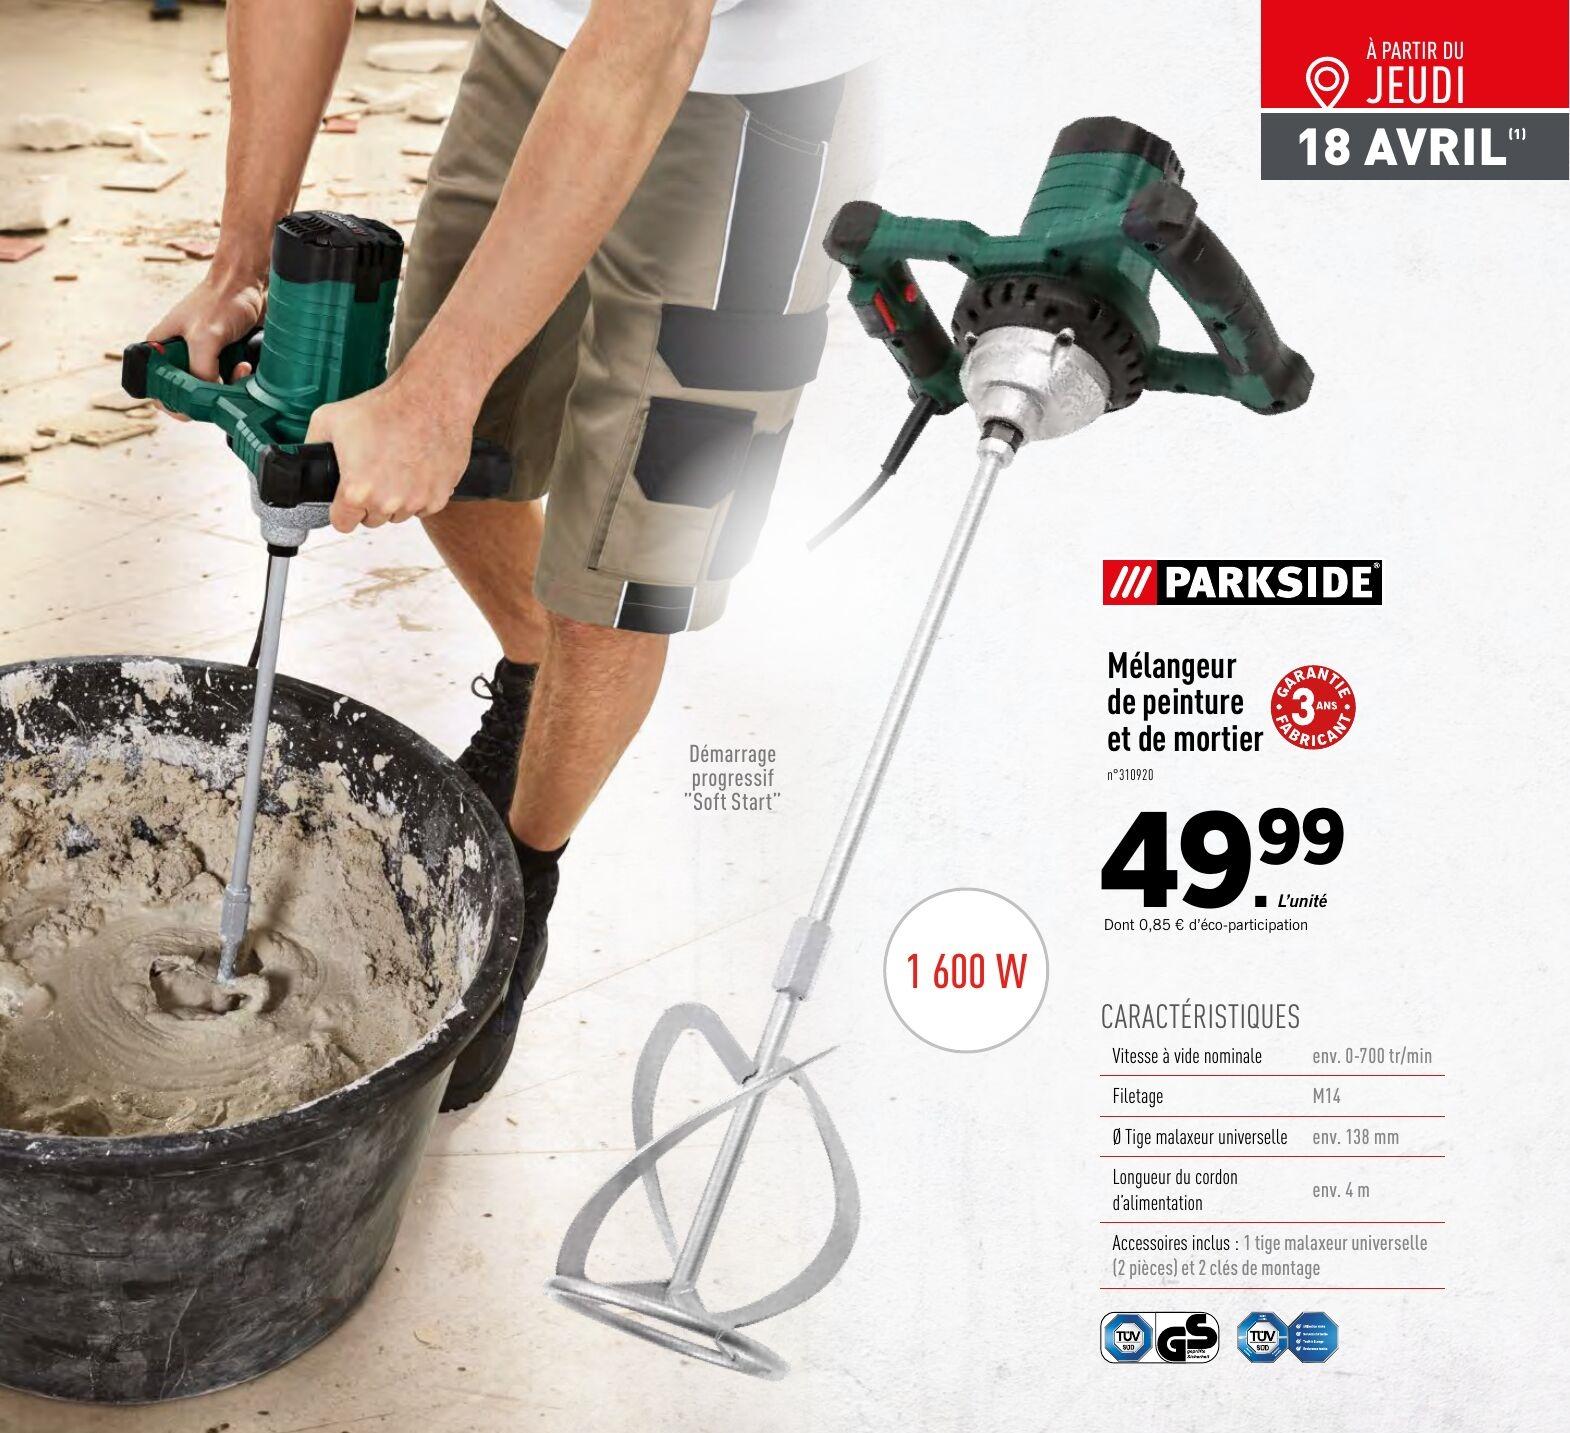 Mélangeur de peinture et de mortier Parkside PFMR - 1600W